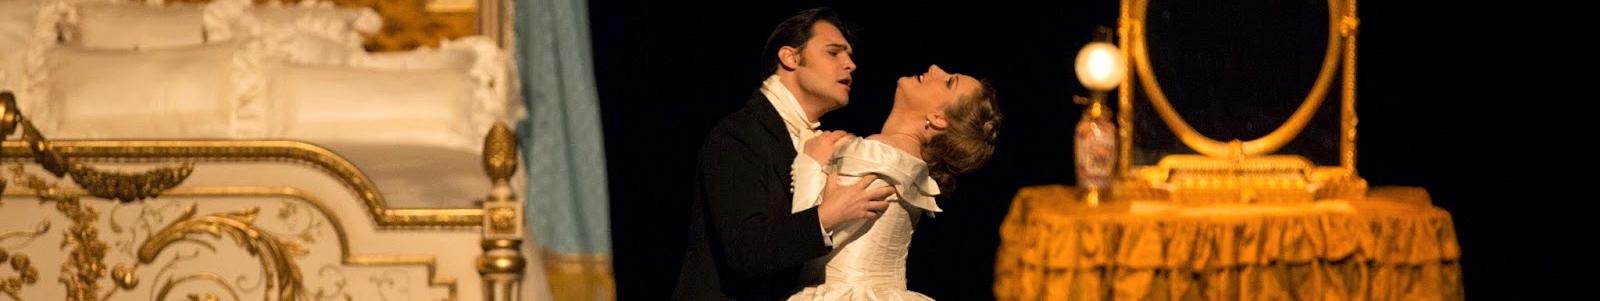 LA TRAVIATA. Opera National de Paris